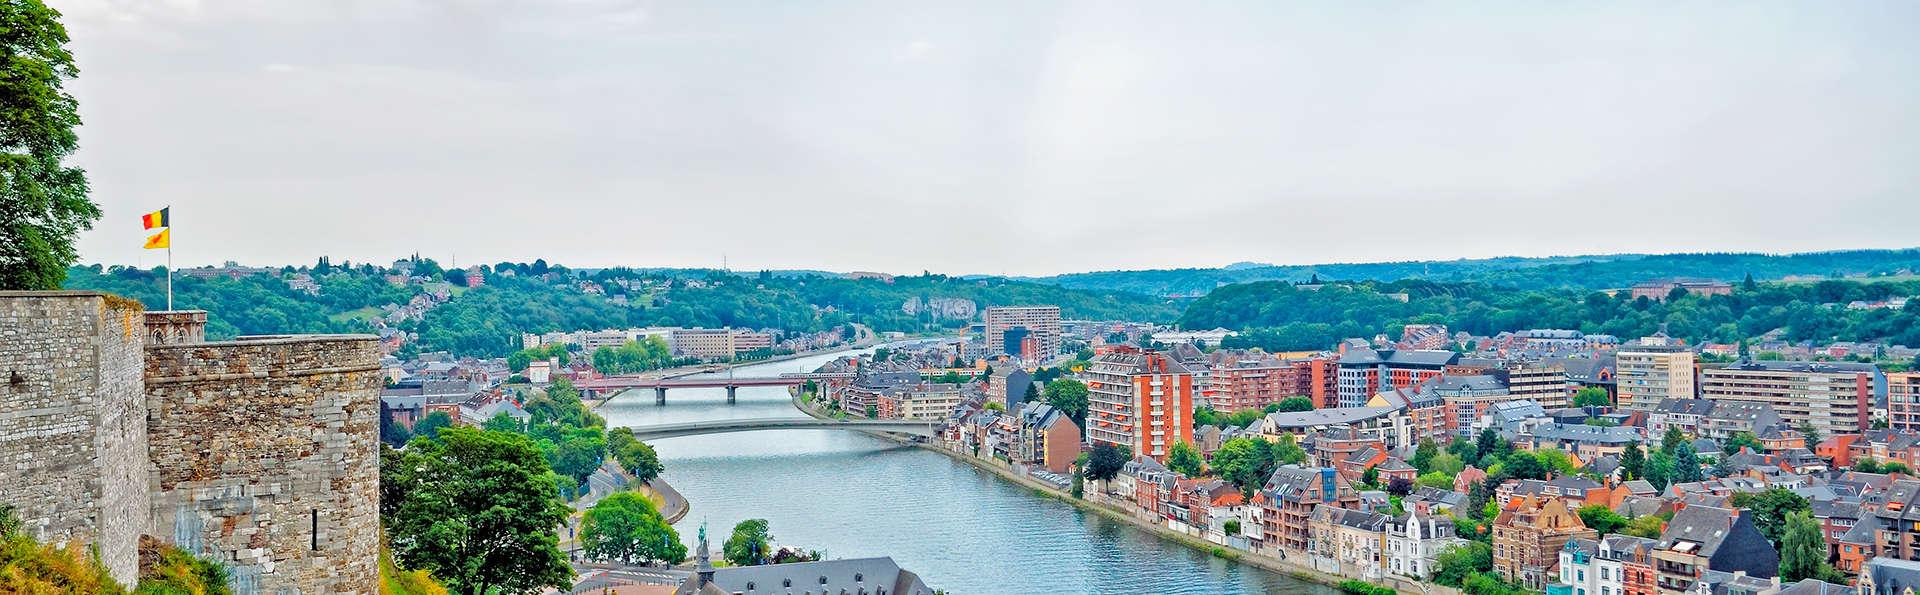 Cultura en Namur con visita incluida